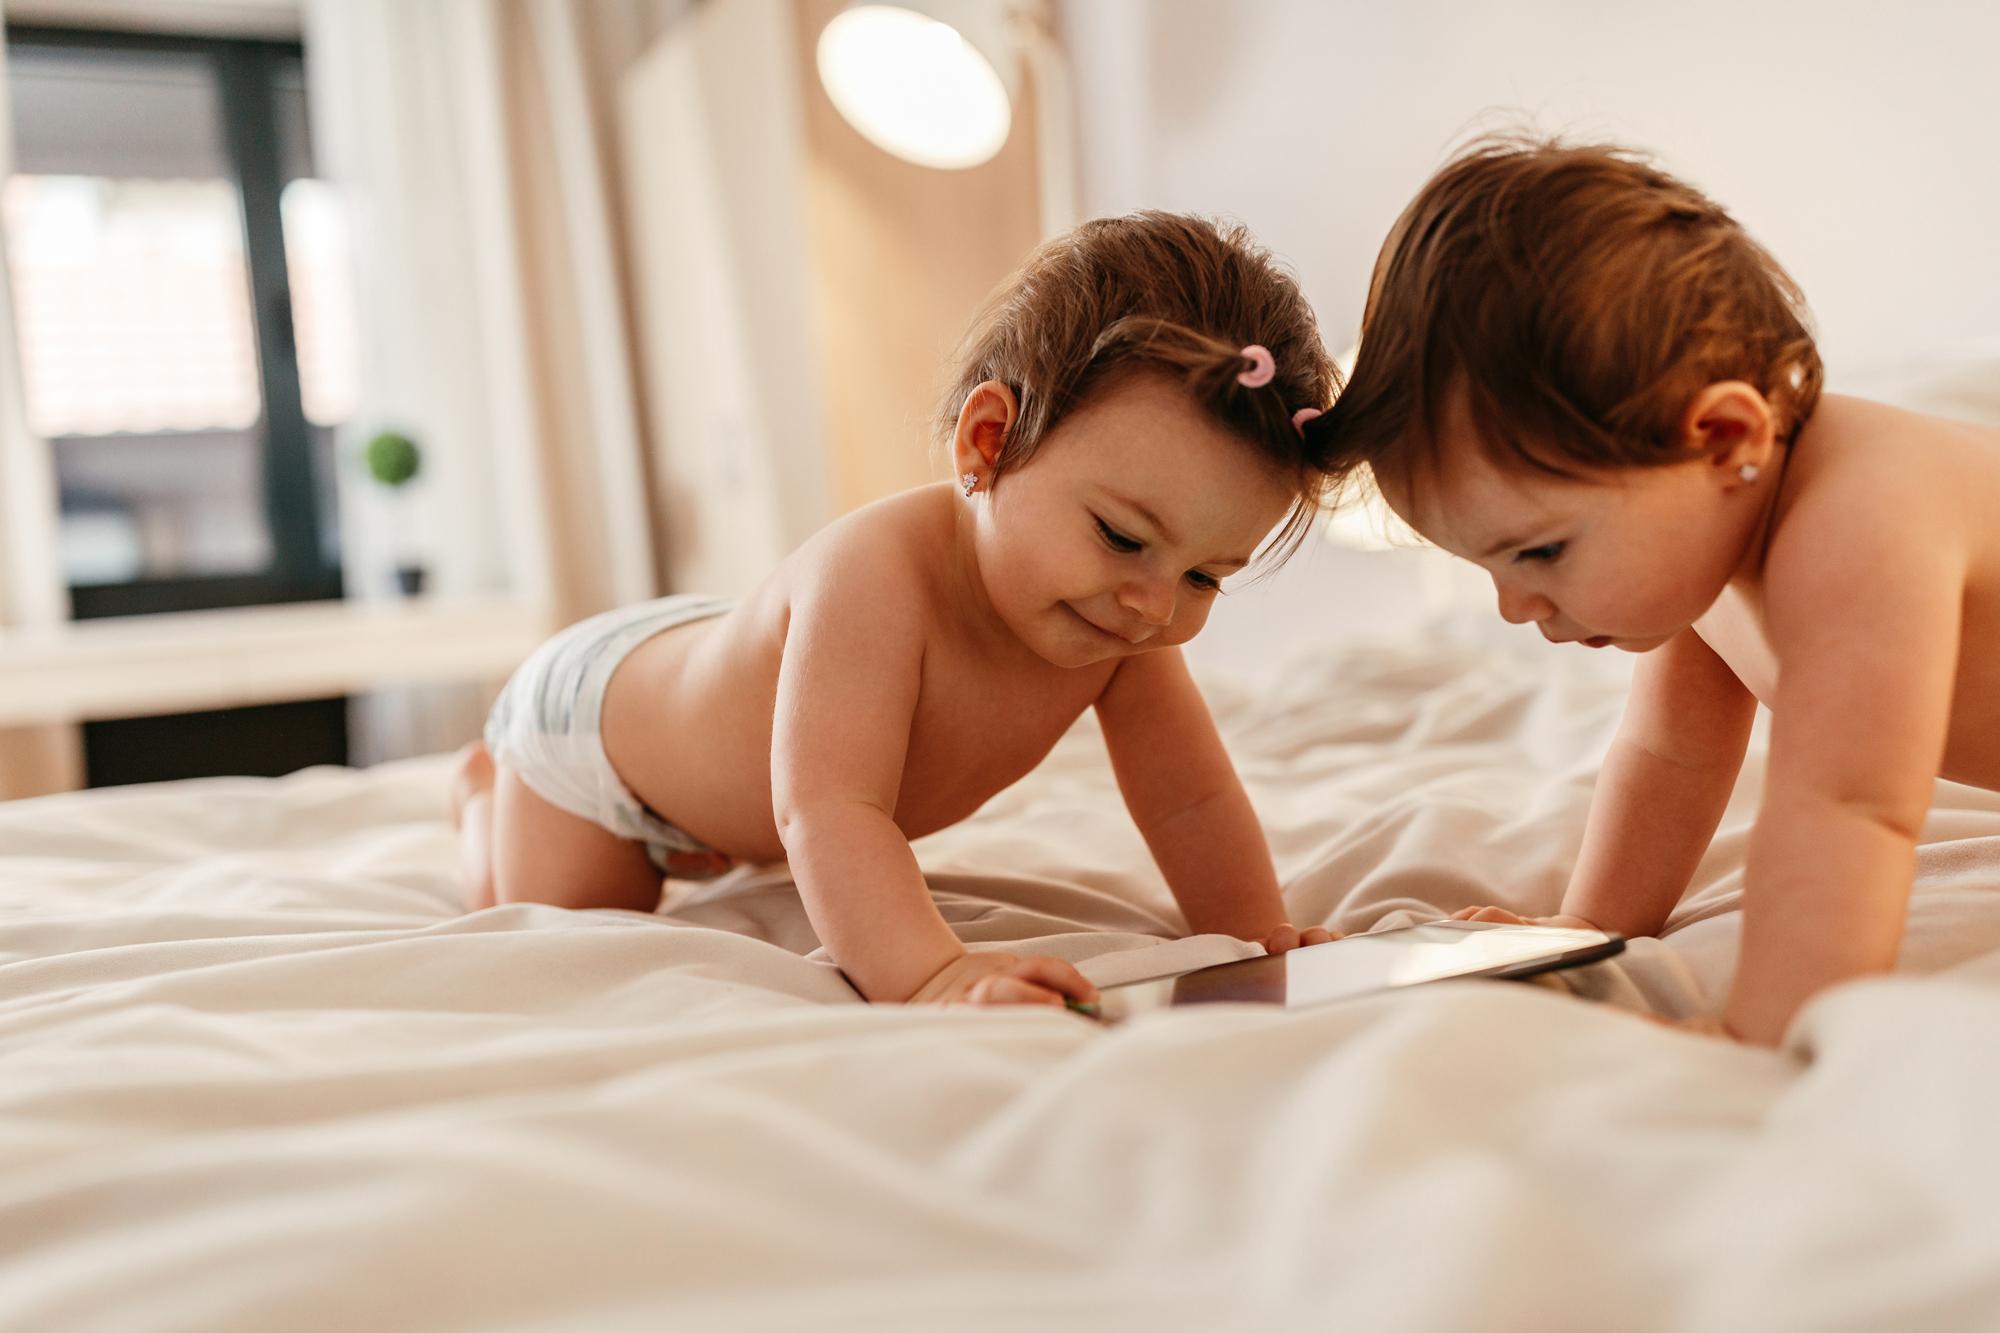 Bliźniaki - małe dzieci bawią się razem